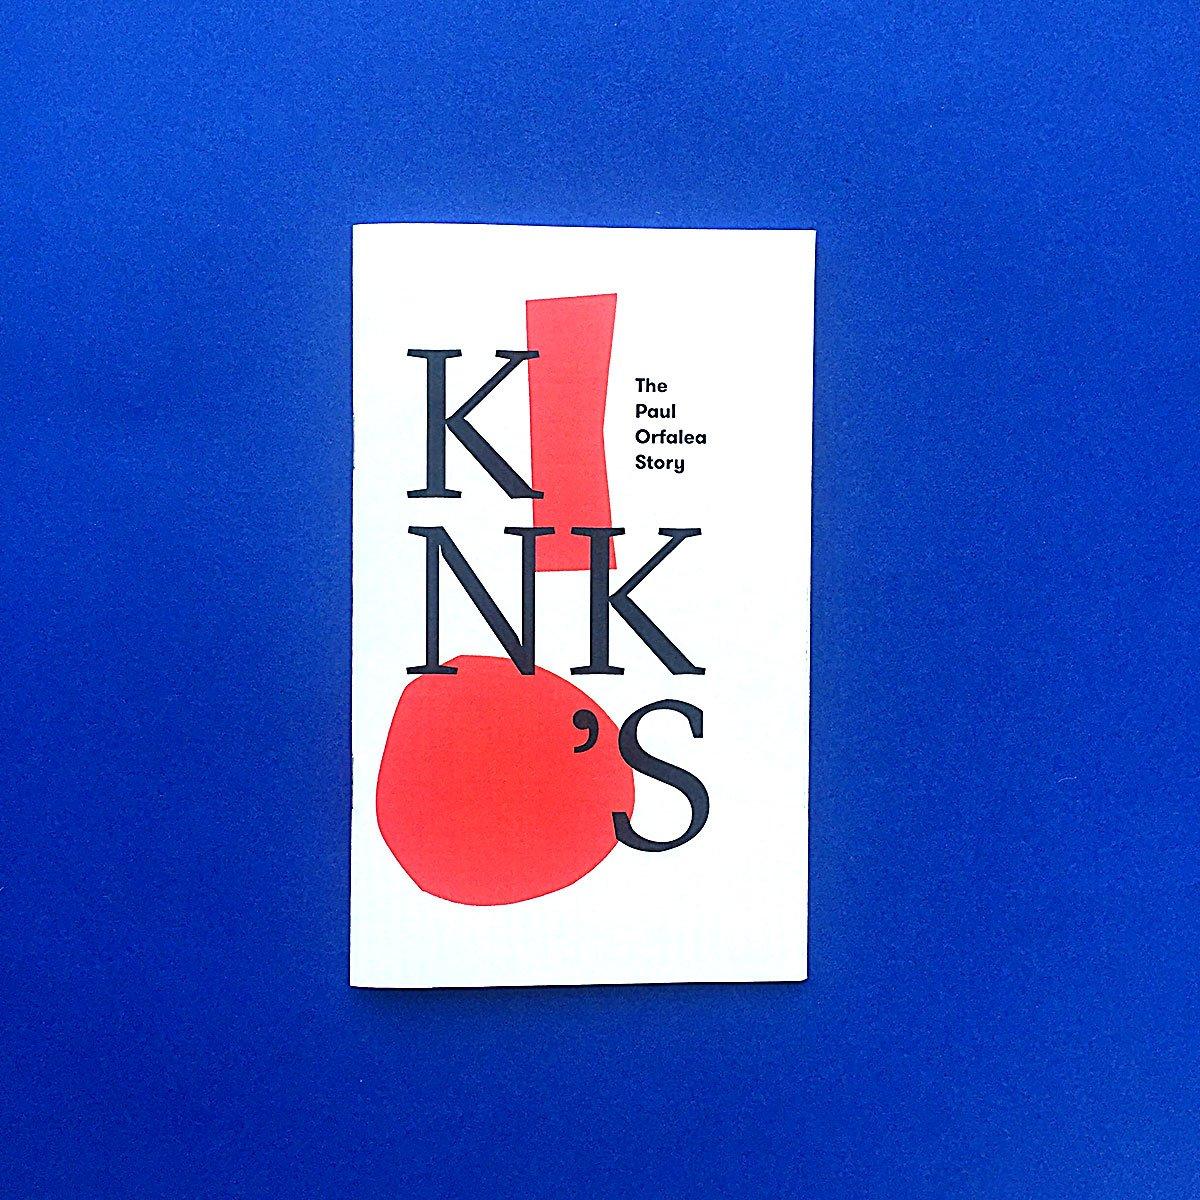 Image of Kinko's Zine